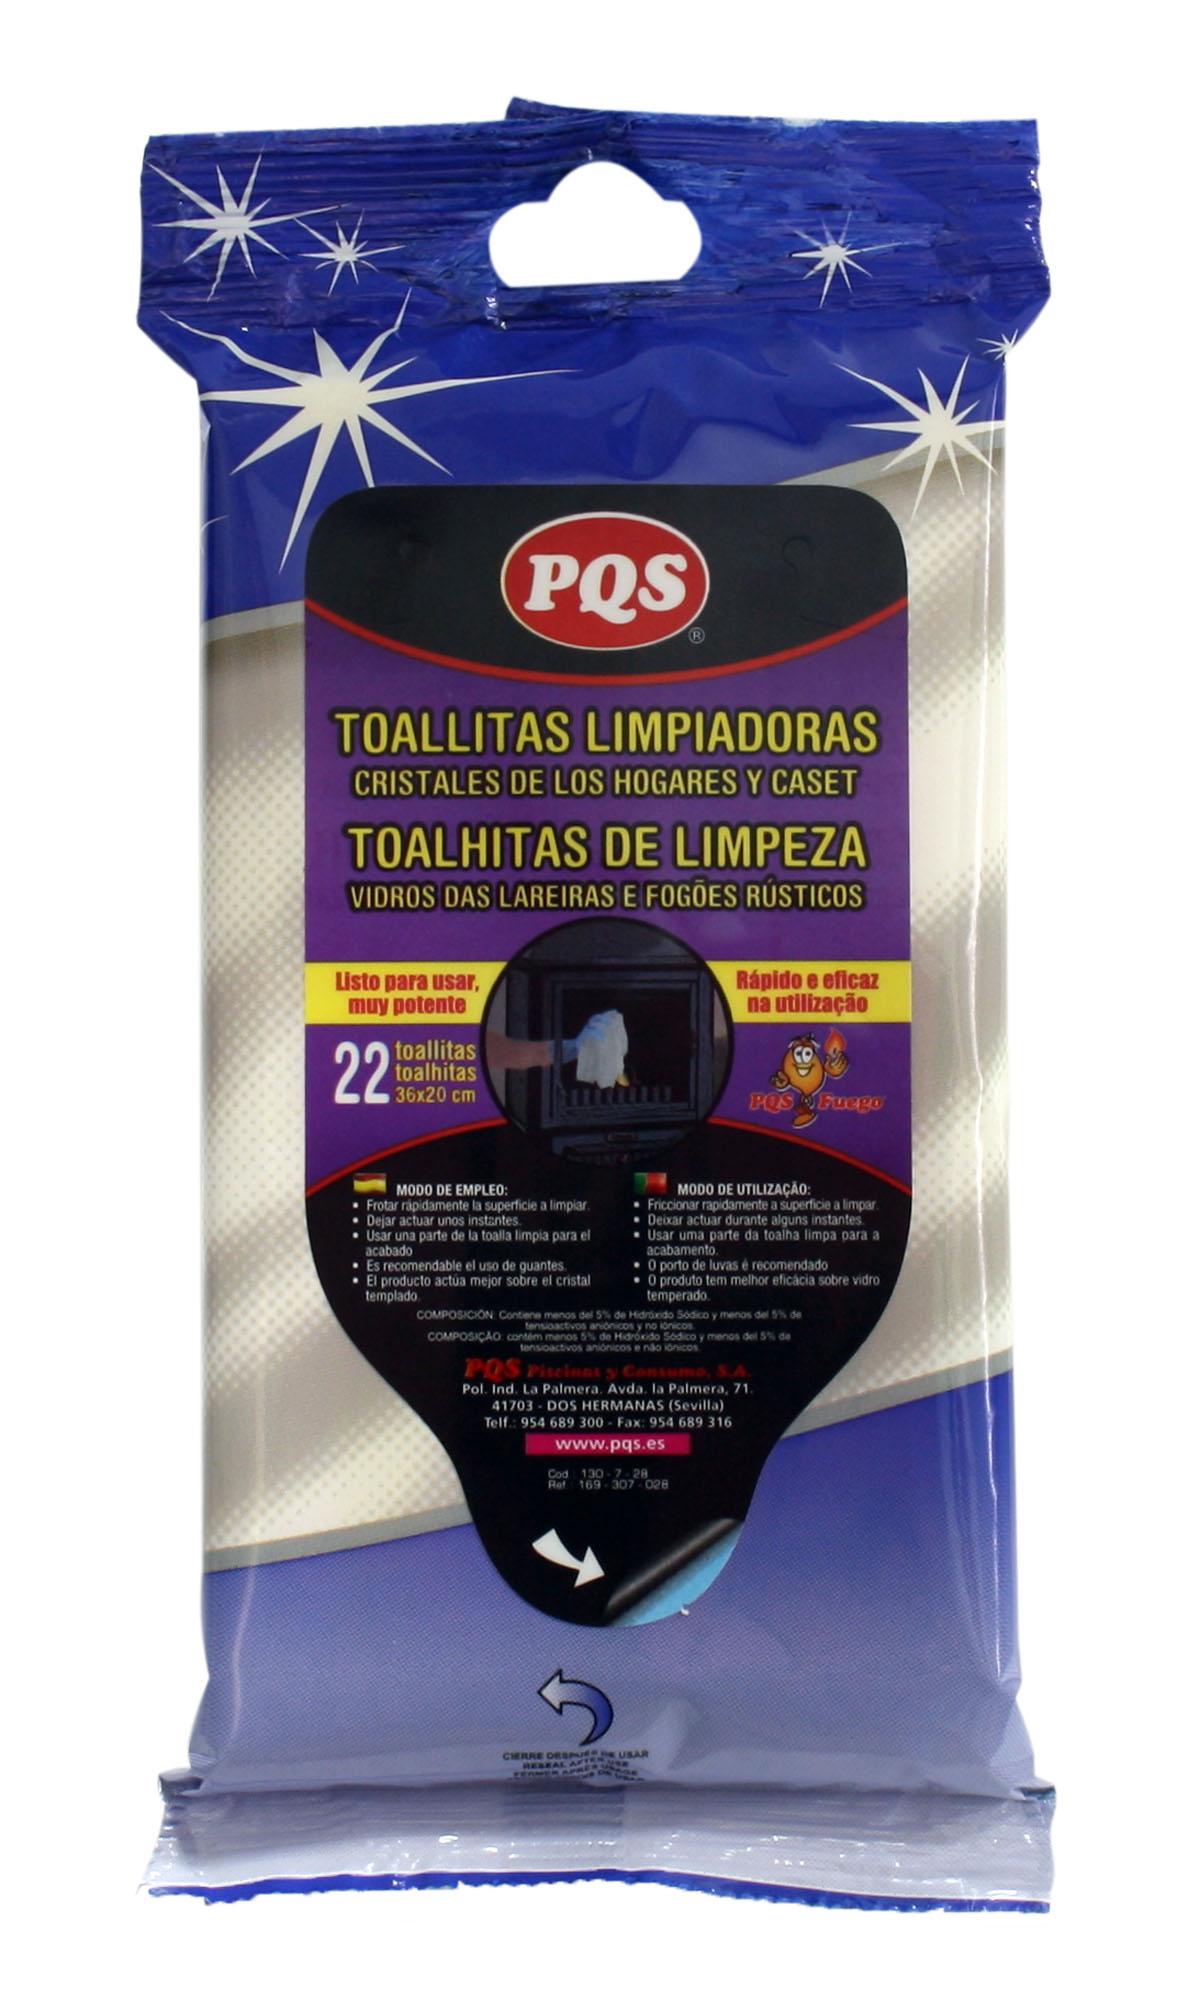 TOALLITAS CRISTALES ESTUFAS PQS CHIMENEAS 1307028 PQS PISCINAS Y CONSUMO